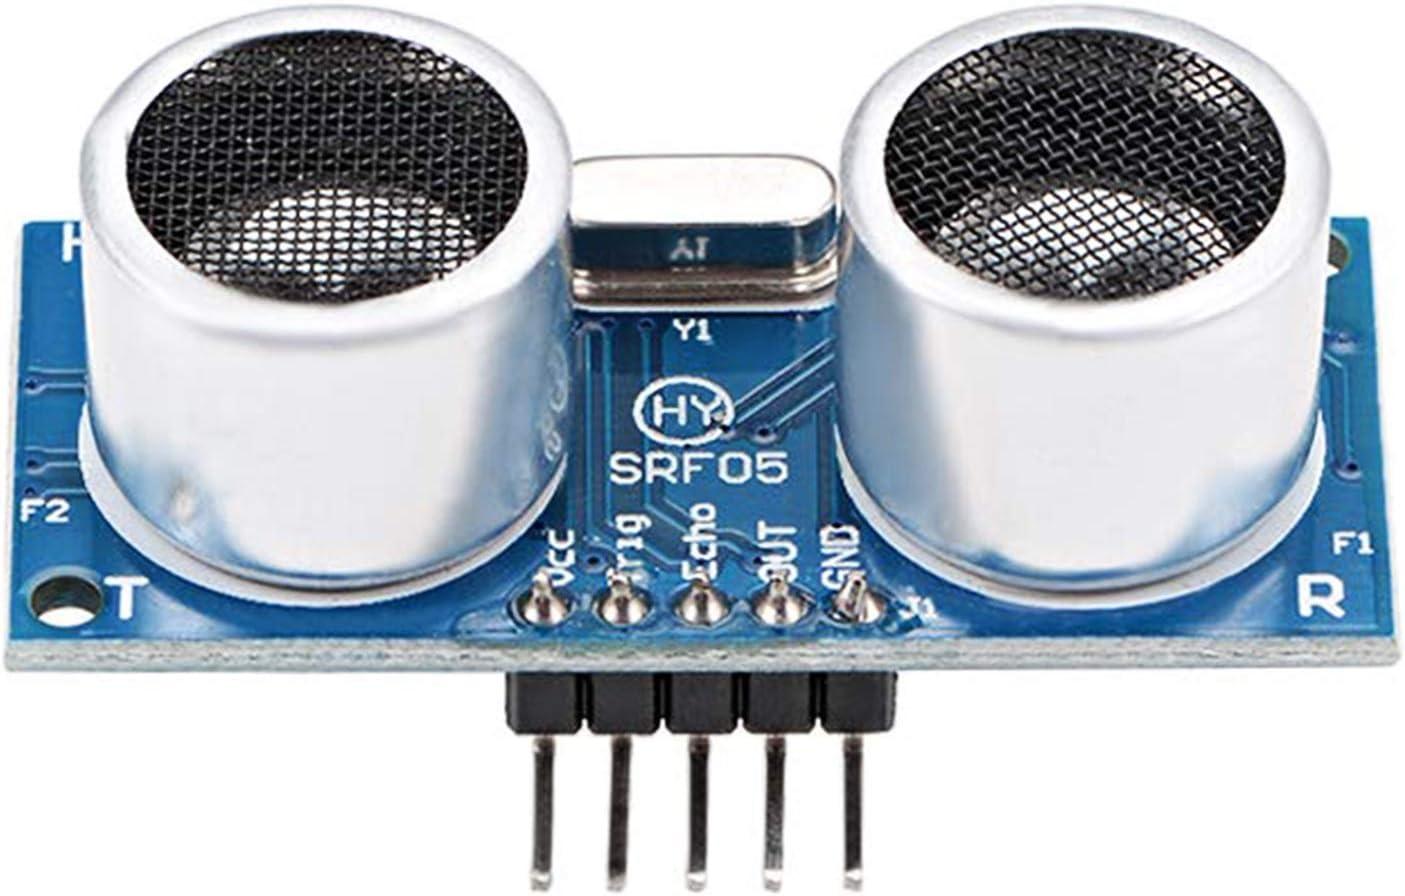 HAPPY LEMON Módulo inalámbrico Práctico Conveniente ultrasónico módulo HY-SRF05 Sensor de la Distancia for Arduino UNO Mega R3 Mega2560 Duemilanove Nano Robot Módulo de recepción: Amazon.es: Hogar